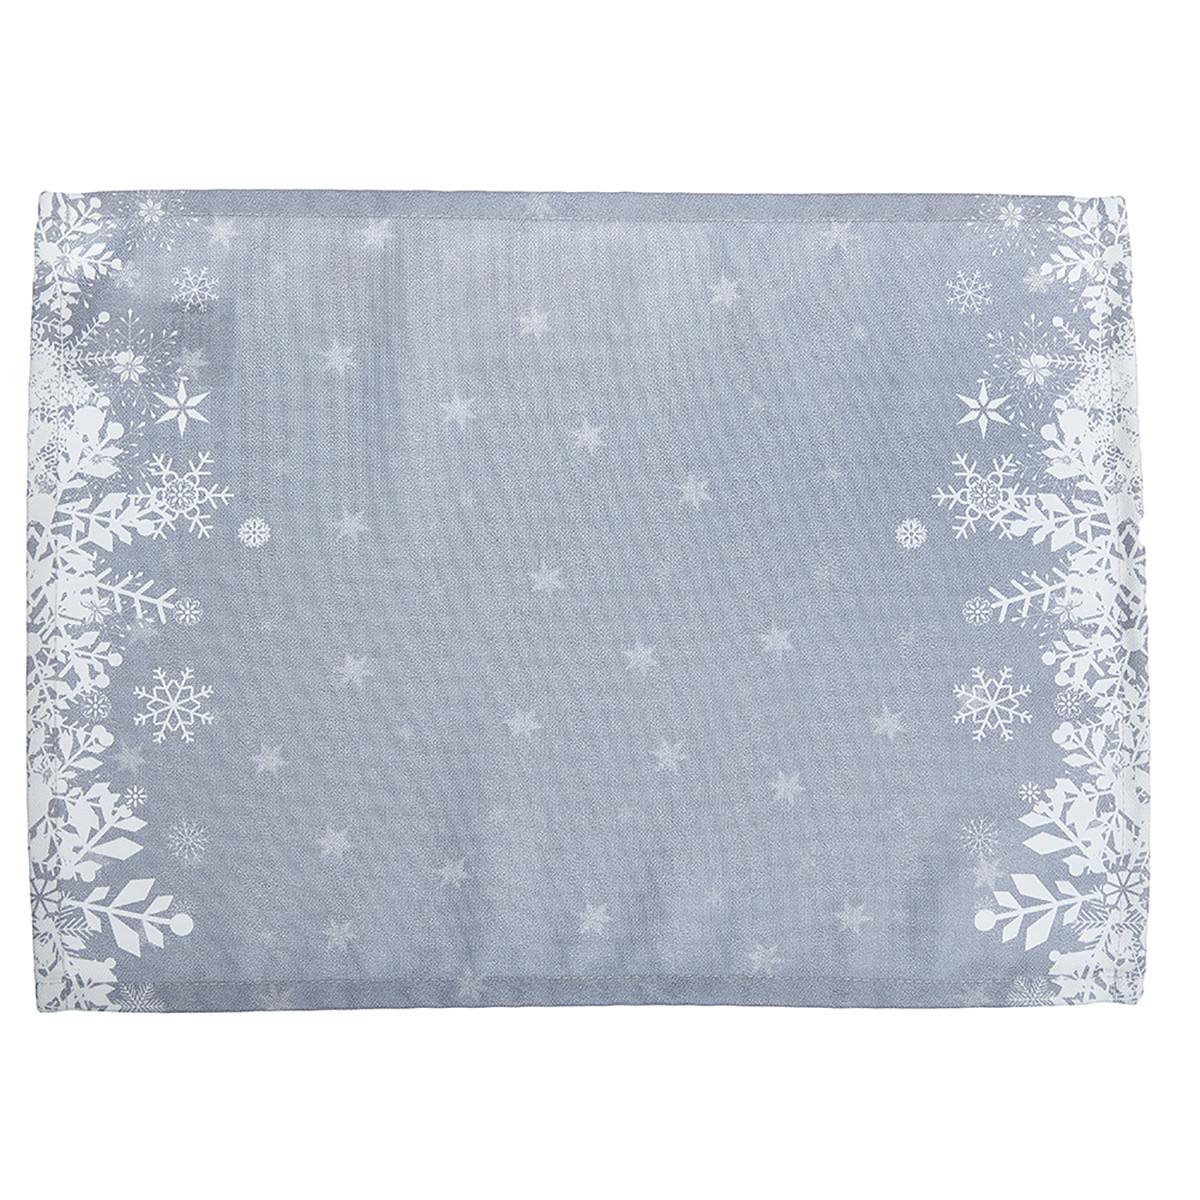 Χριστουγεννιάτικα Σουπλά (Σετ 2τμχ) Apolena Snow Grey 790-5611/3 home   χριστουγεννιάτικα   χριστουγεννιάτικα σουπλά